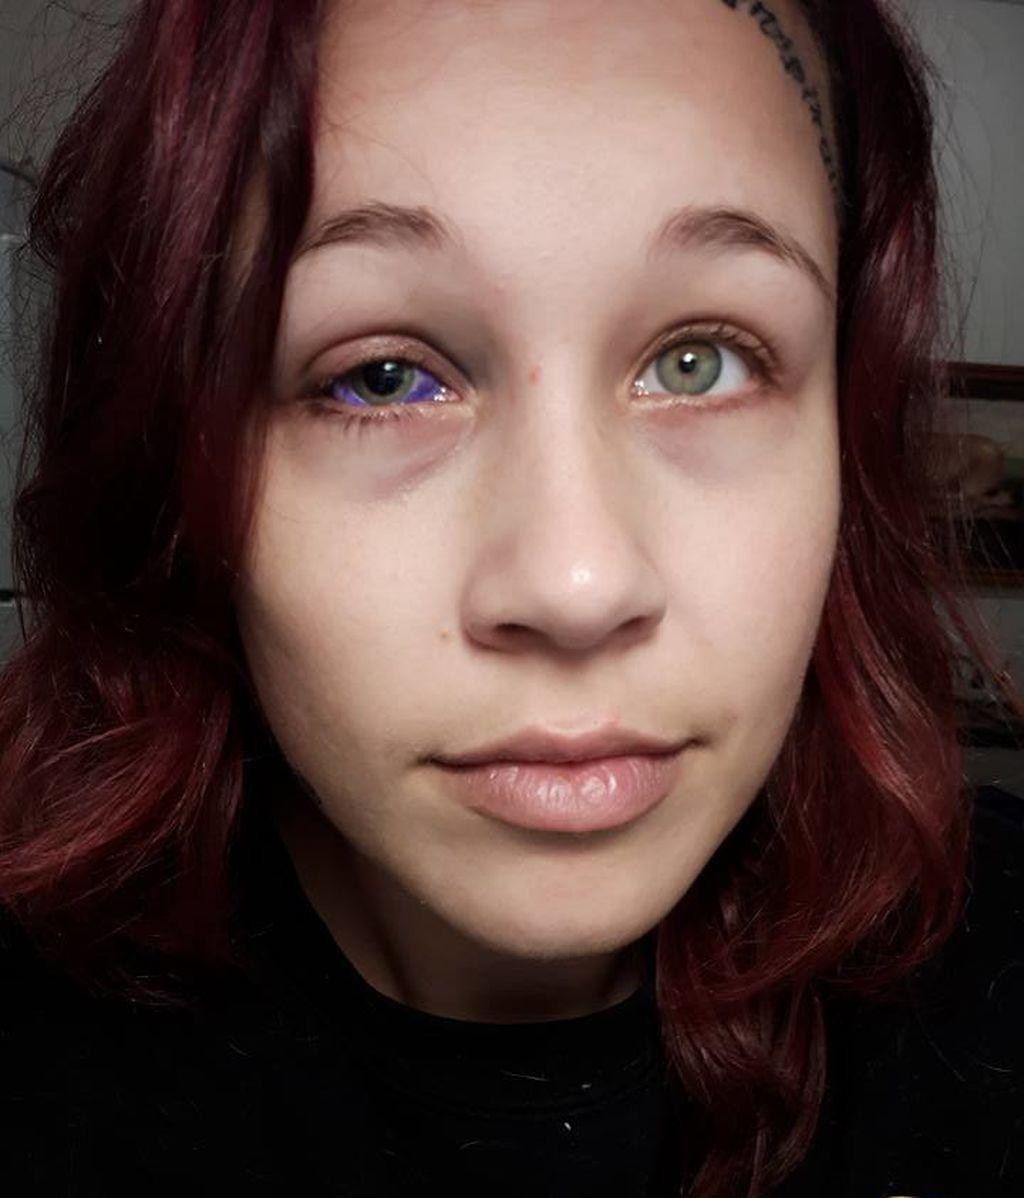 La modelo que se tatuó el globo ocular podría perder el ojo